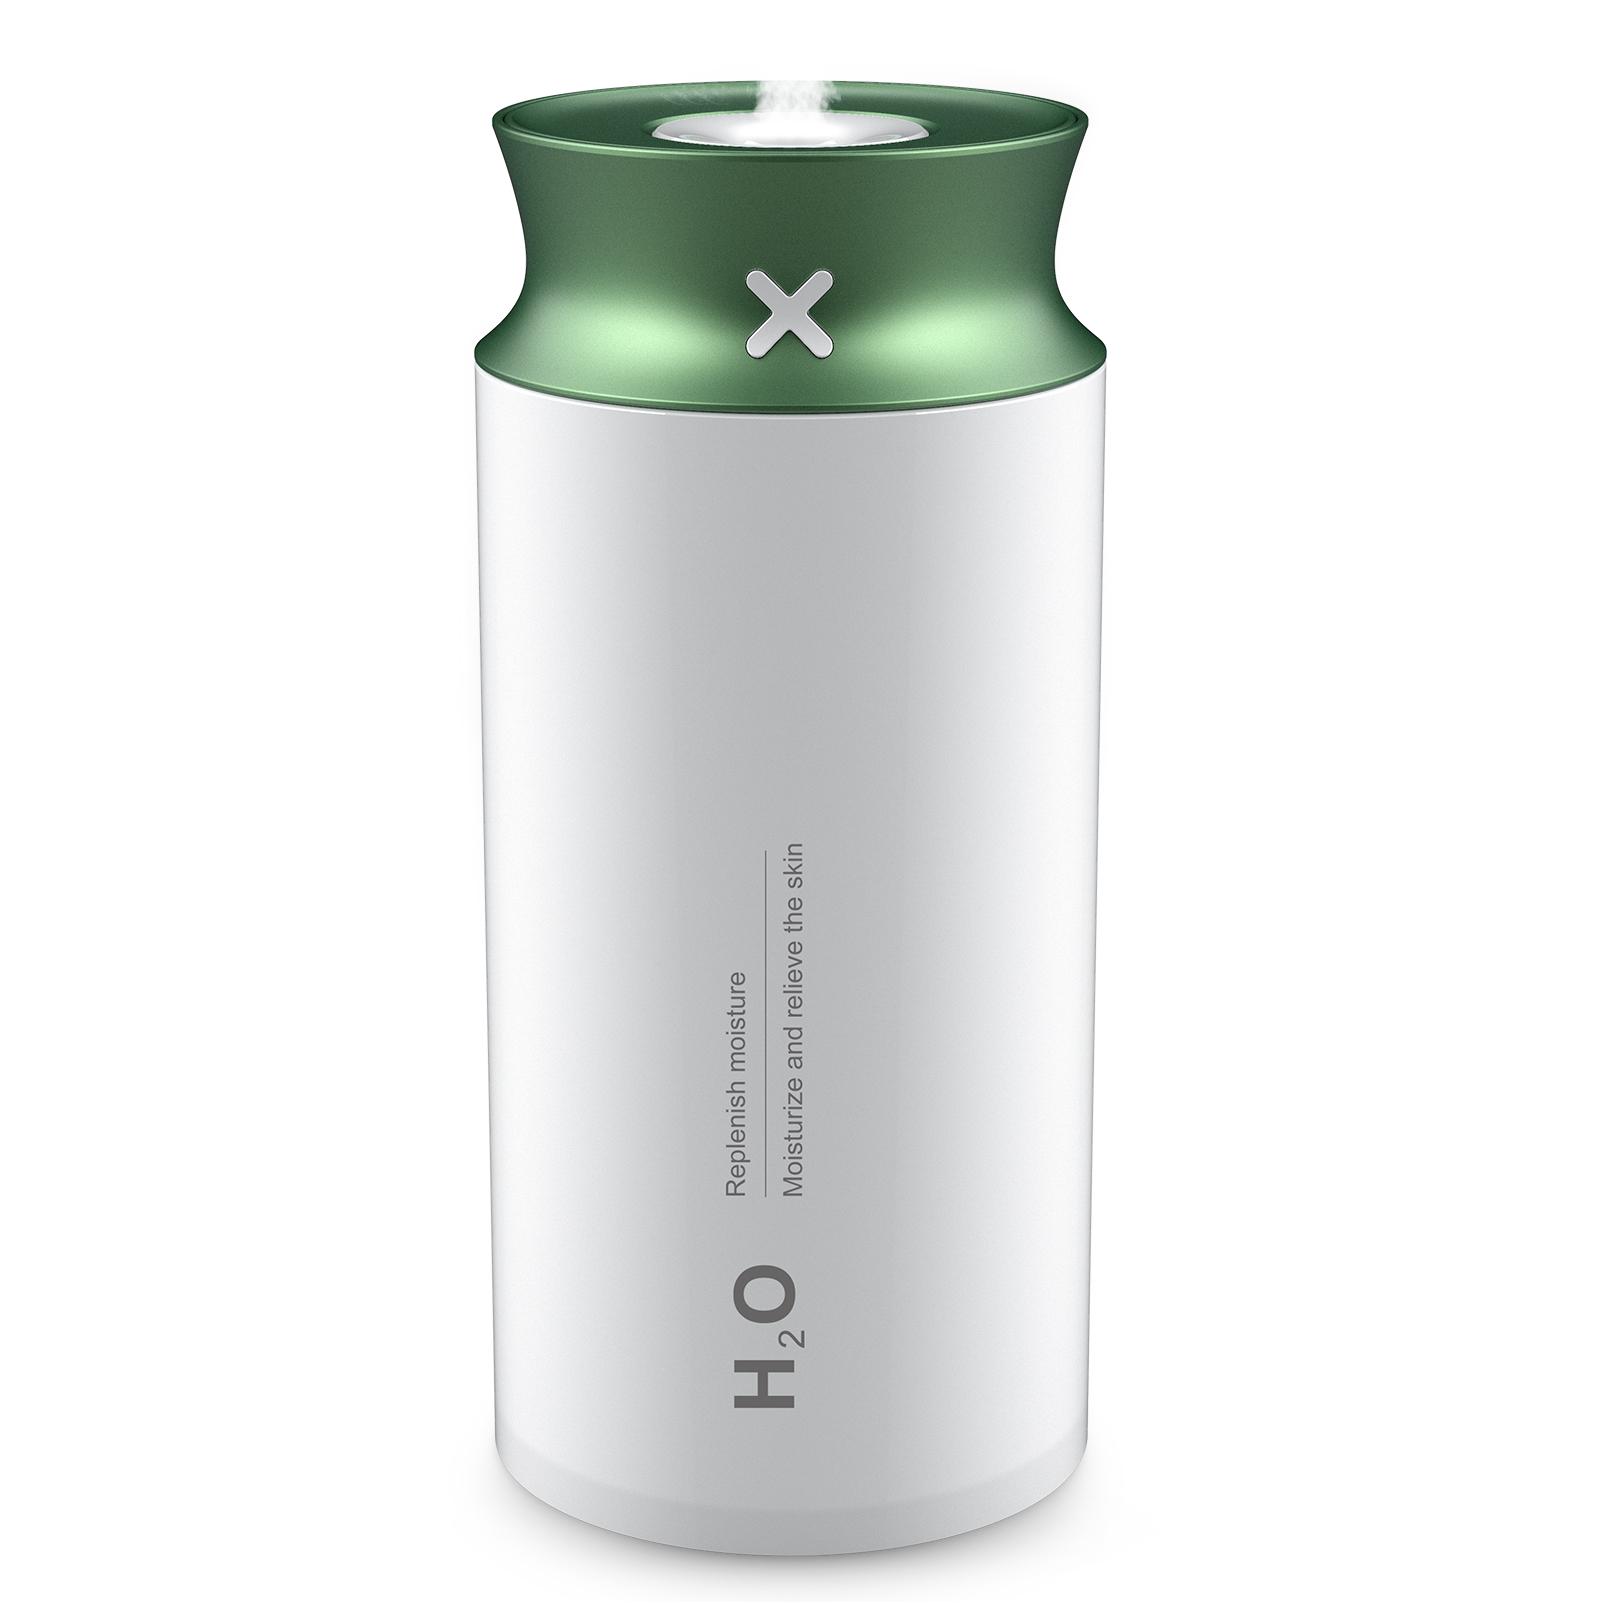 show original title Details about  /Essential oils diffuser 400ml Aromatherapie electrique led office house